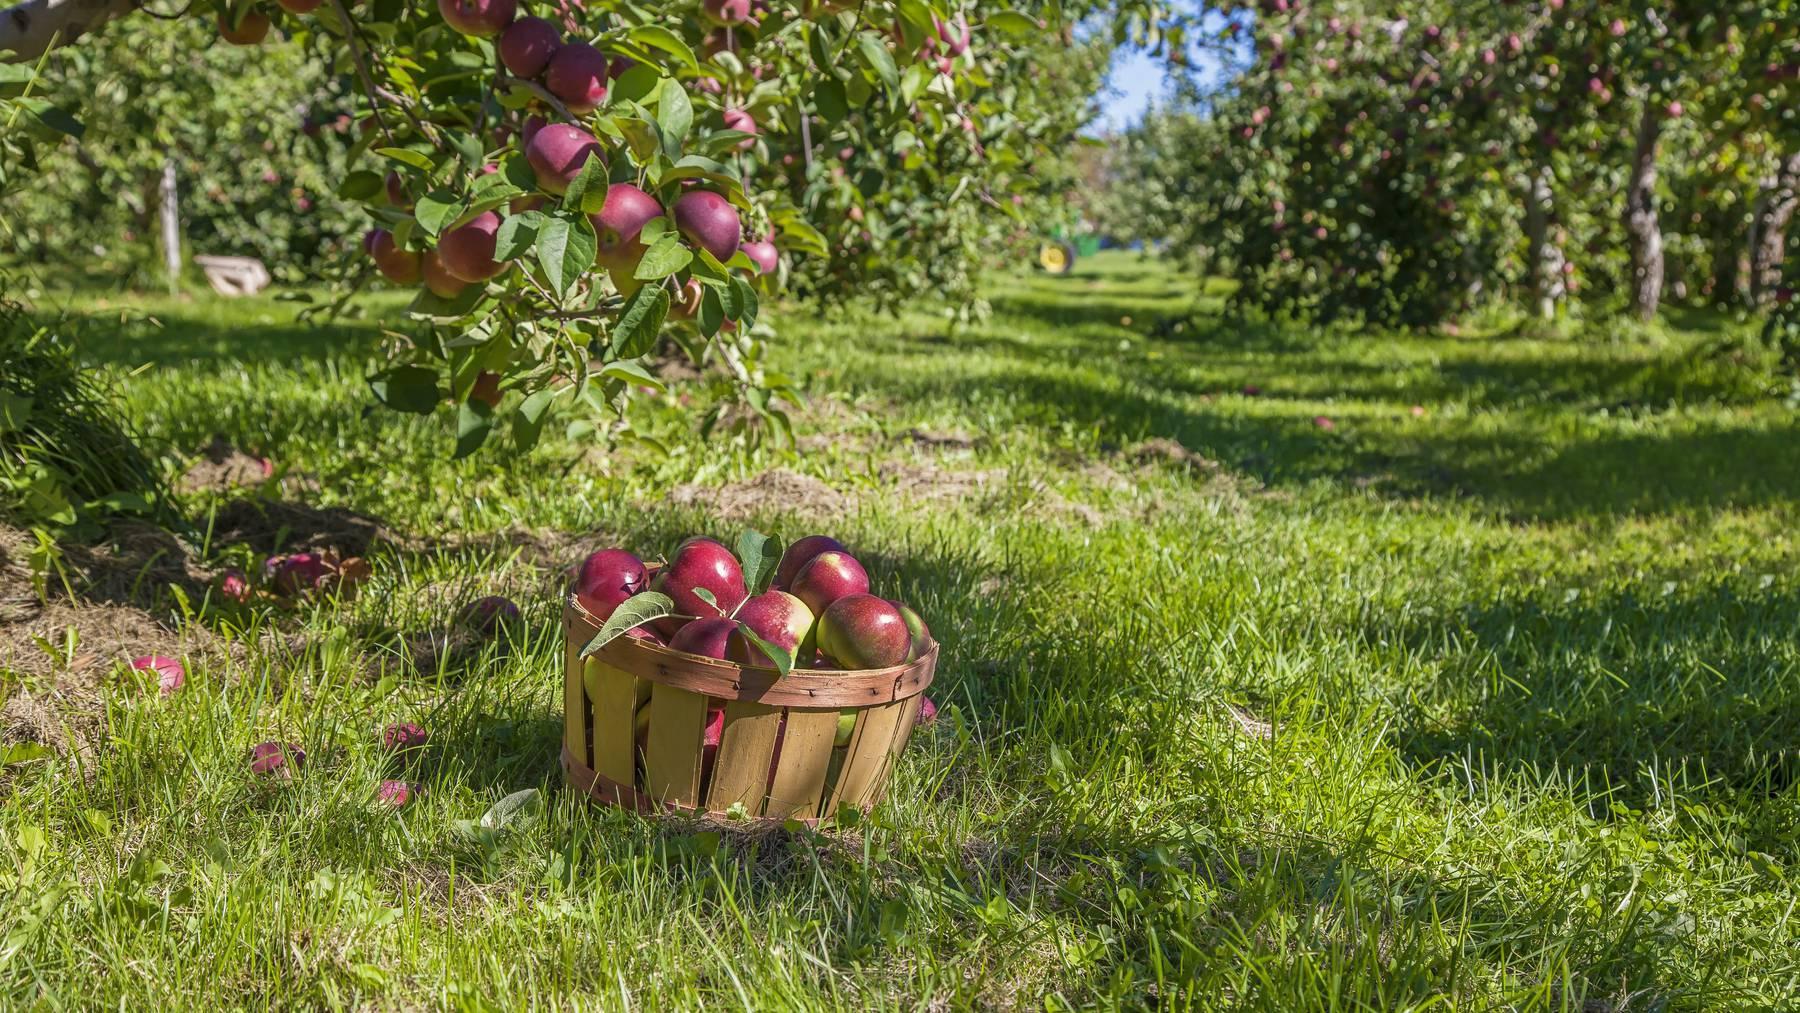 Im deutschen Hundersingen ist ein Apfelbaumdieb unterwegs. (Symbolbild)